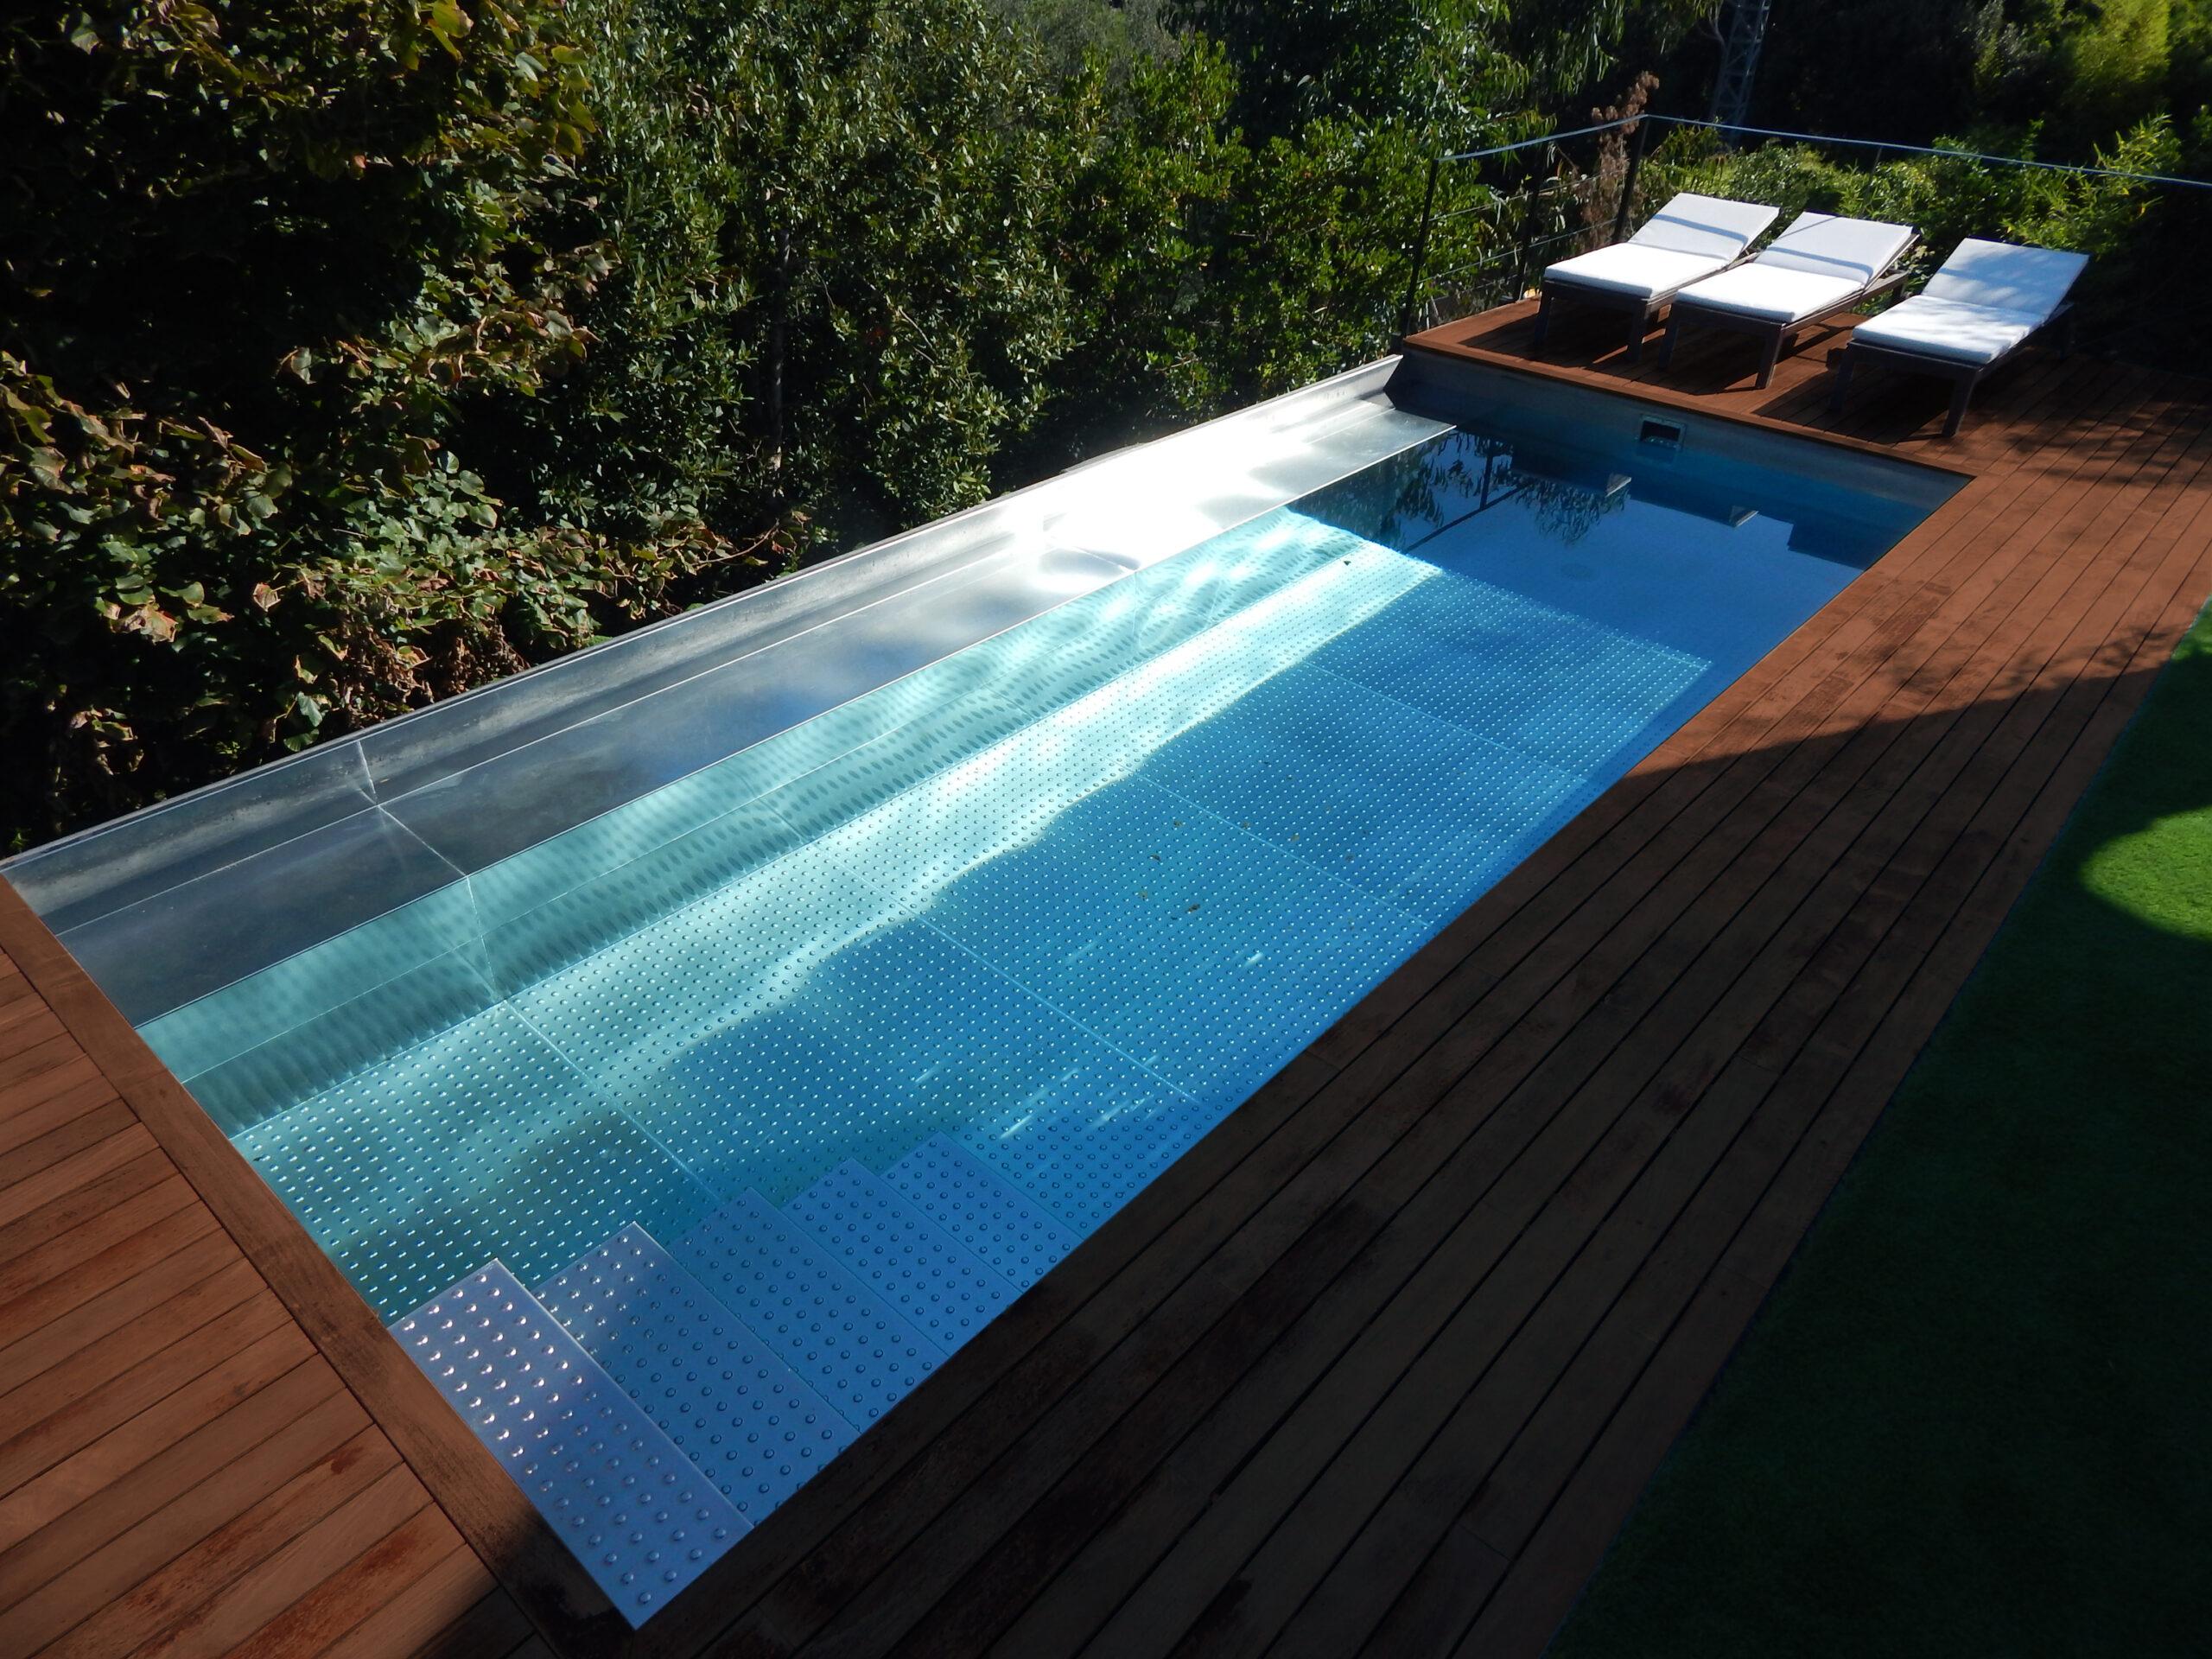 piscina-de-acero-inoxidable-skimmer-1262